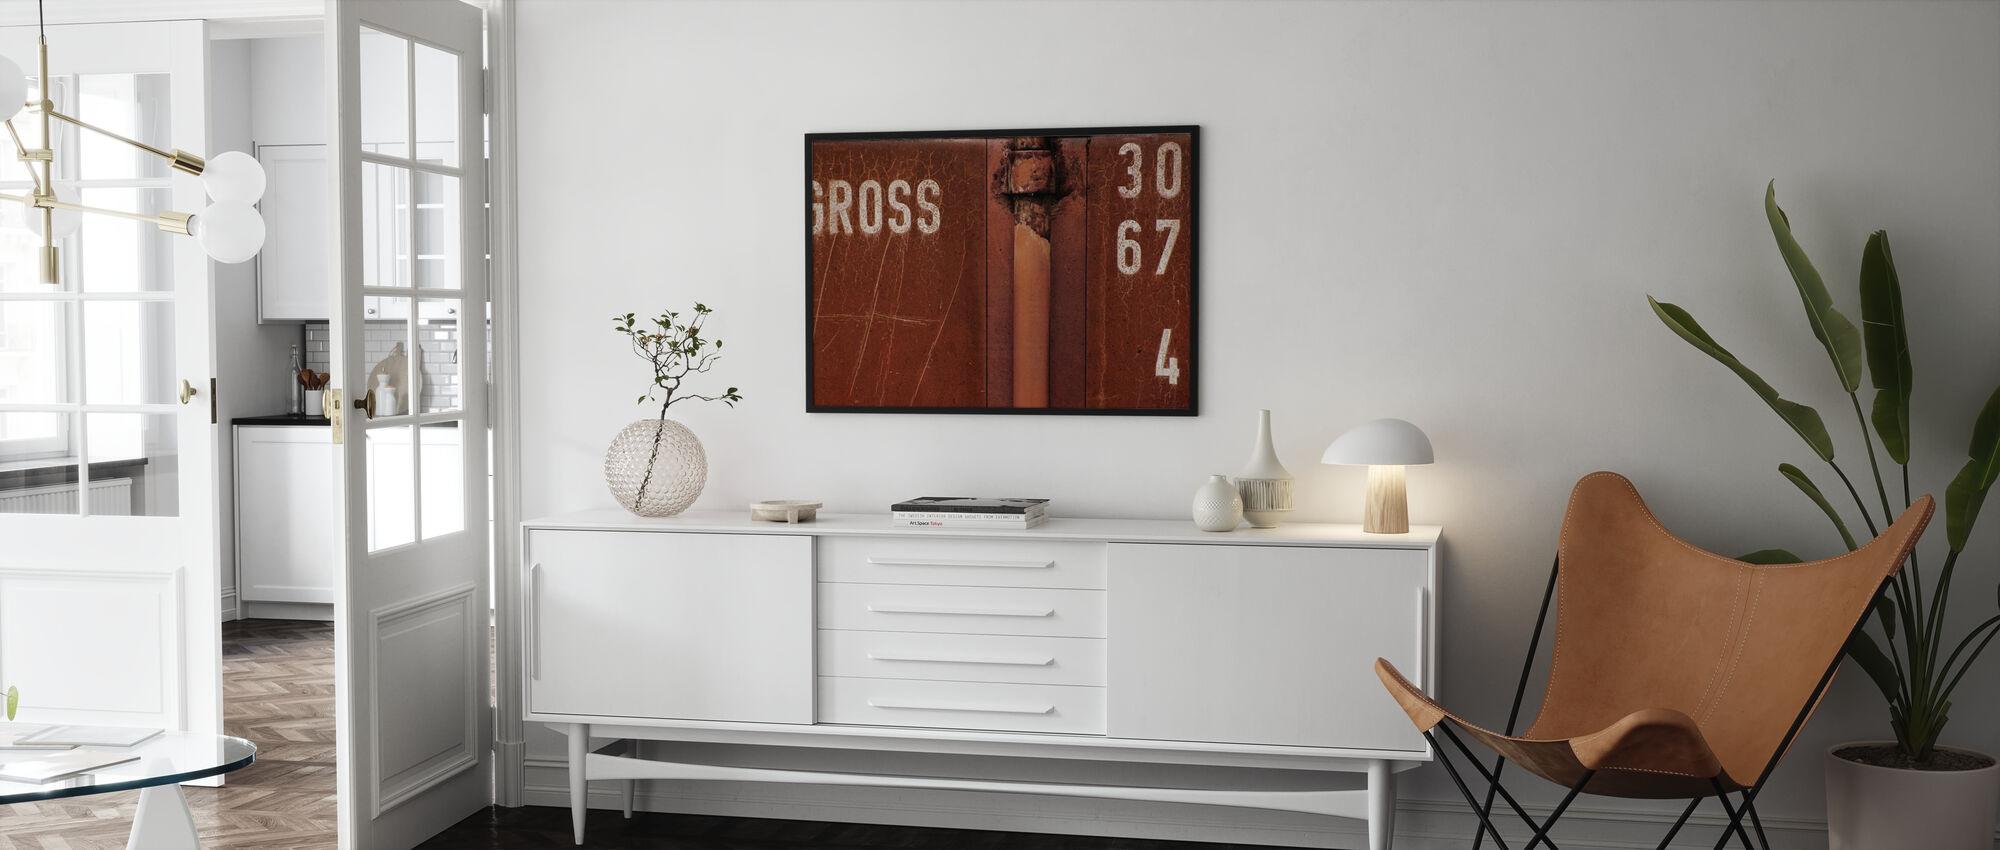 Brutto Mauer - Gerahmtes bild - Wohnzimmer